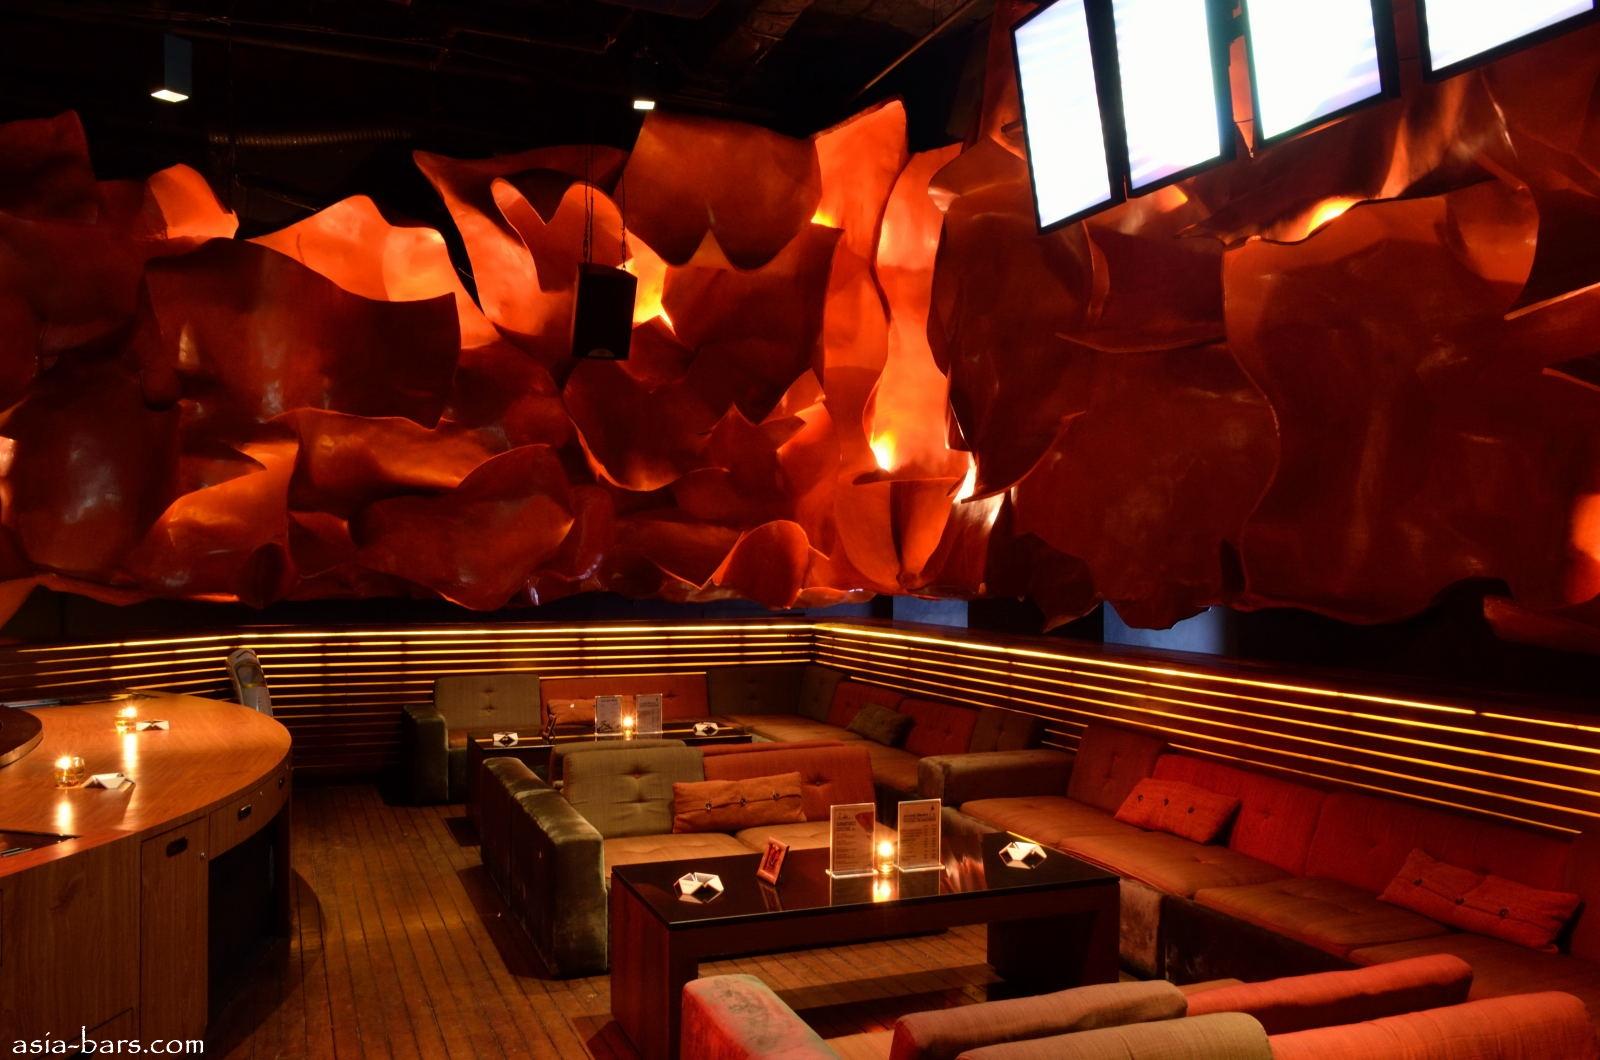 Dragonfly Glamorous Lounge Club Illuminates Nightlife